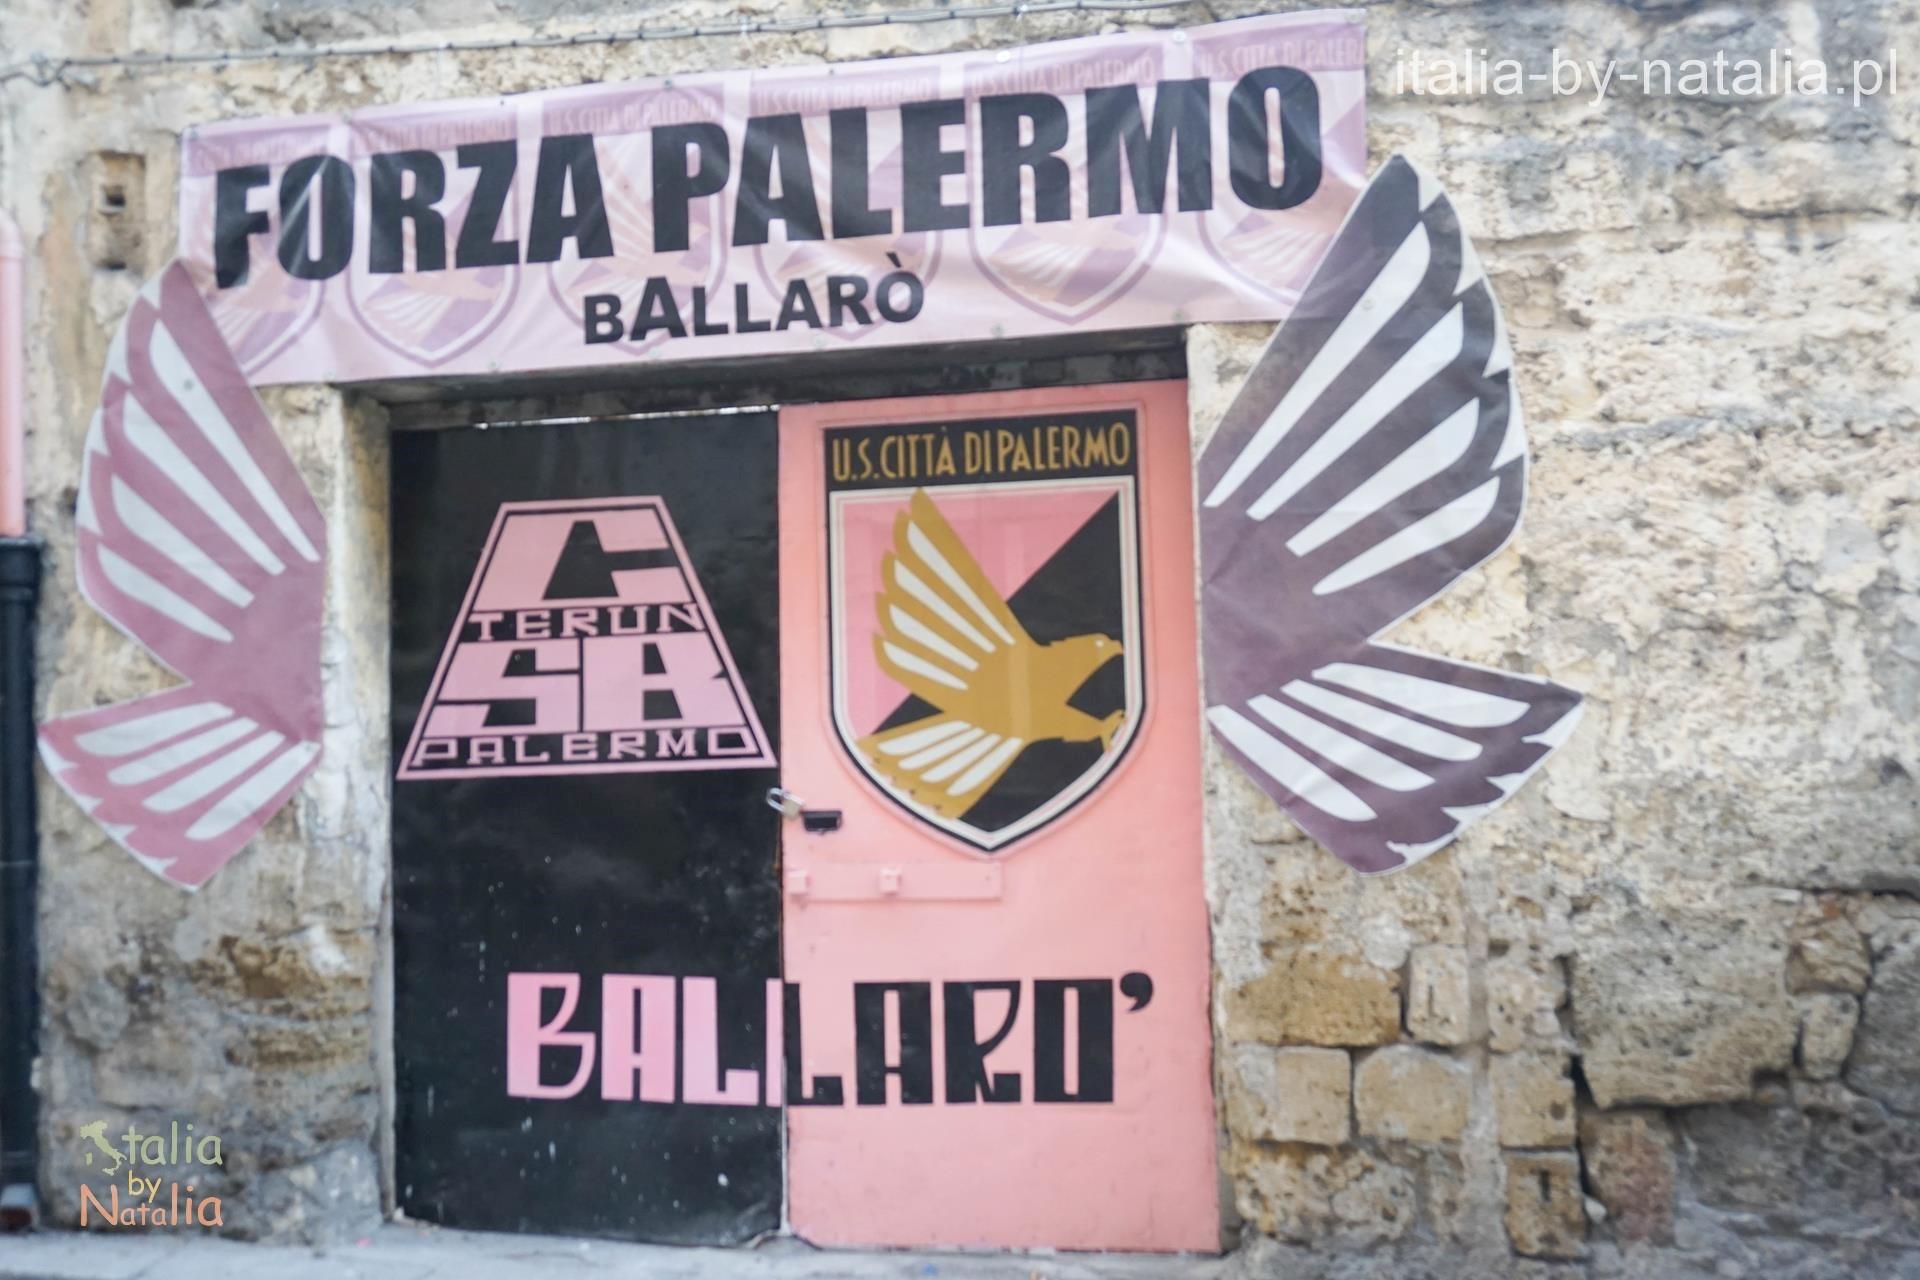 Forza Palermo Ballaro